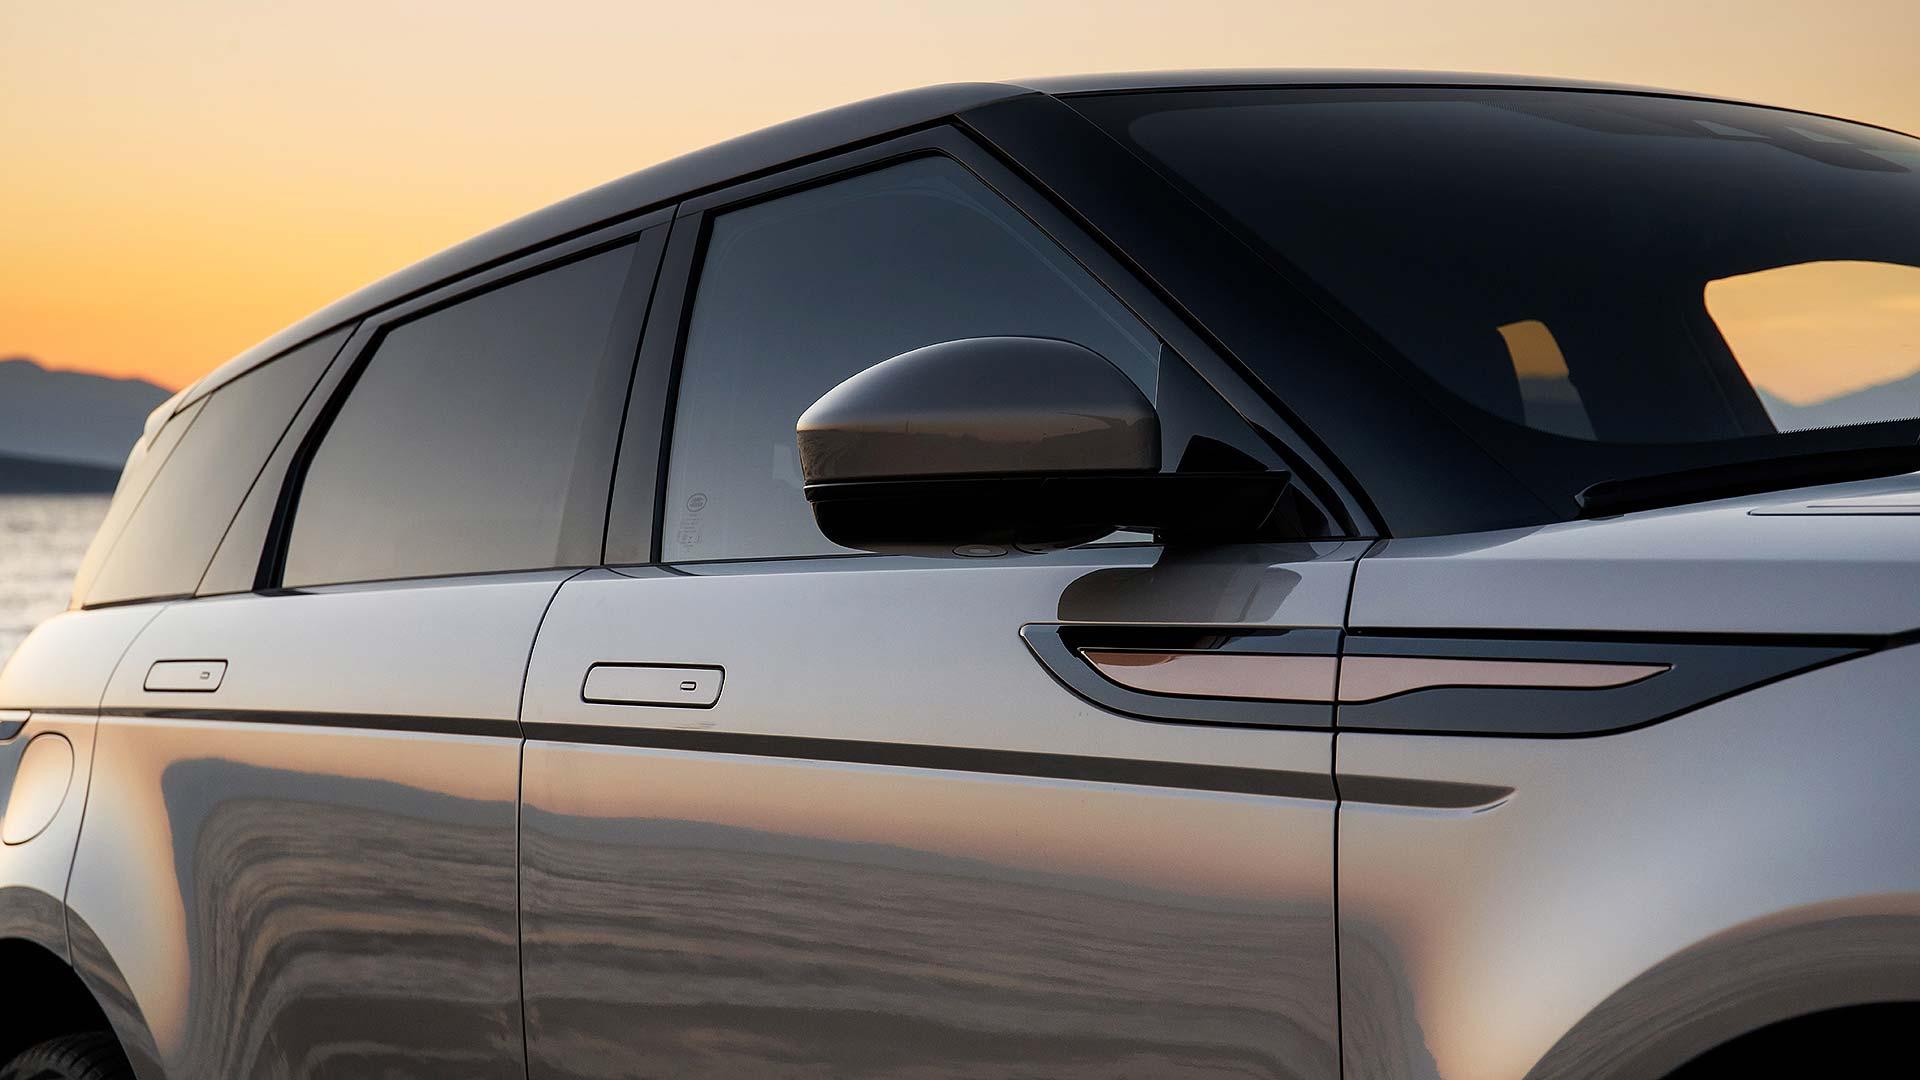 20MY Range Rover Evoque